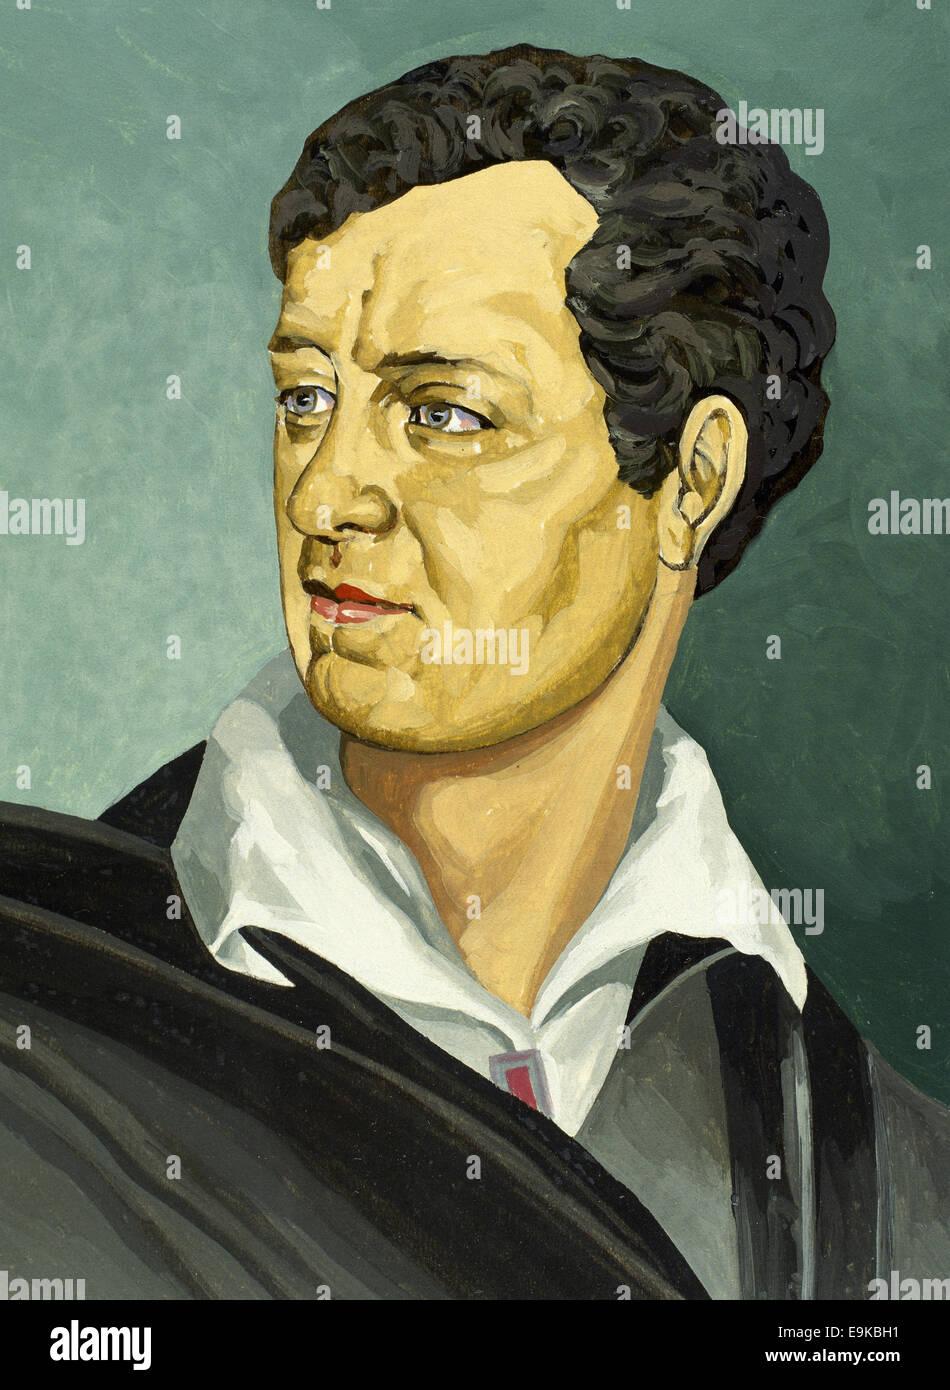 Lord Byron (1788-1824). Englischer Dichter. Romantischen Bewegung. Porträt. Aquarell. Stockbild